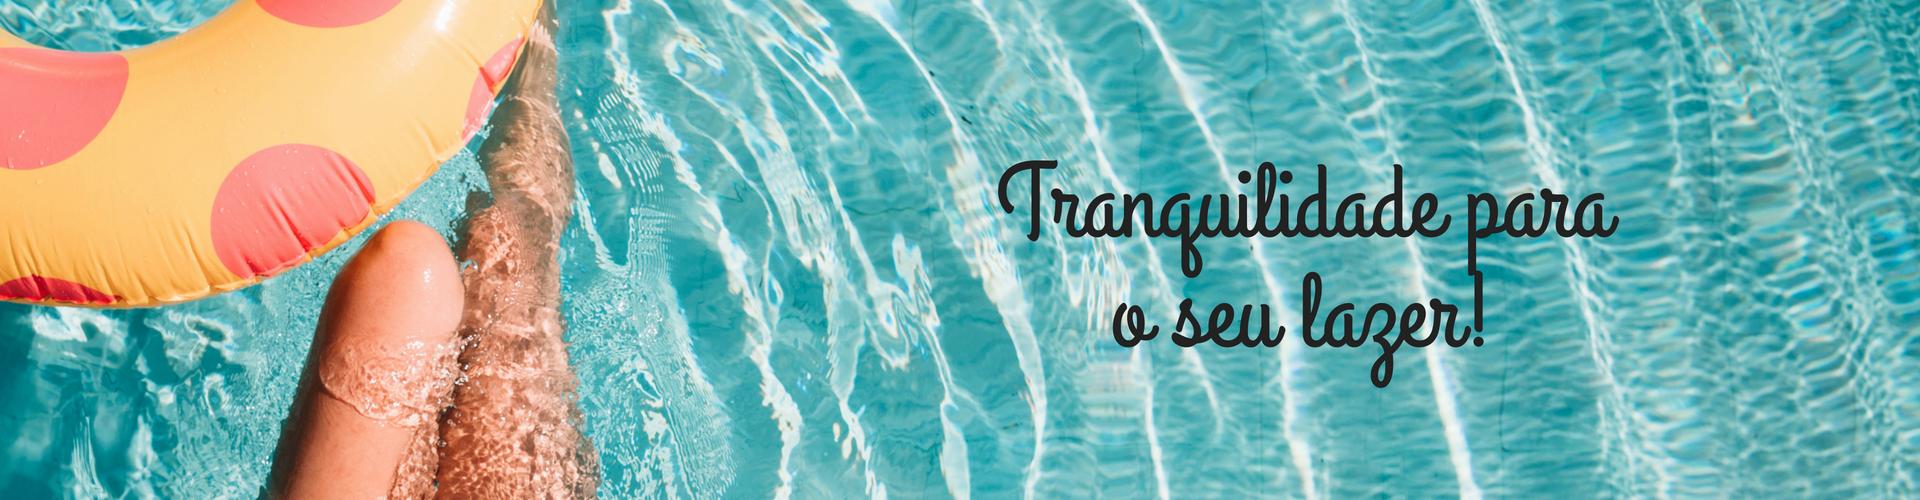 Piscina Segura - Cercas de proteção para sua piscina - Sorocaba e Região